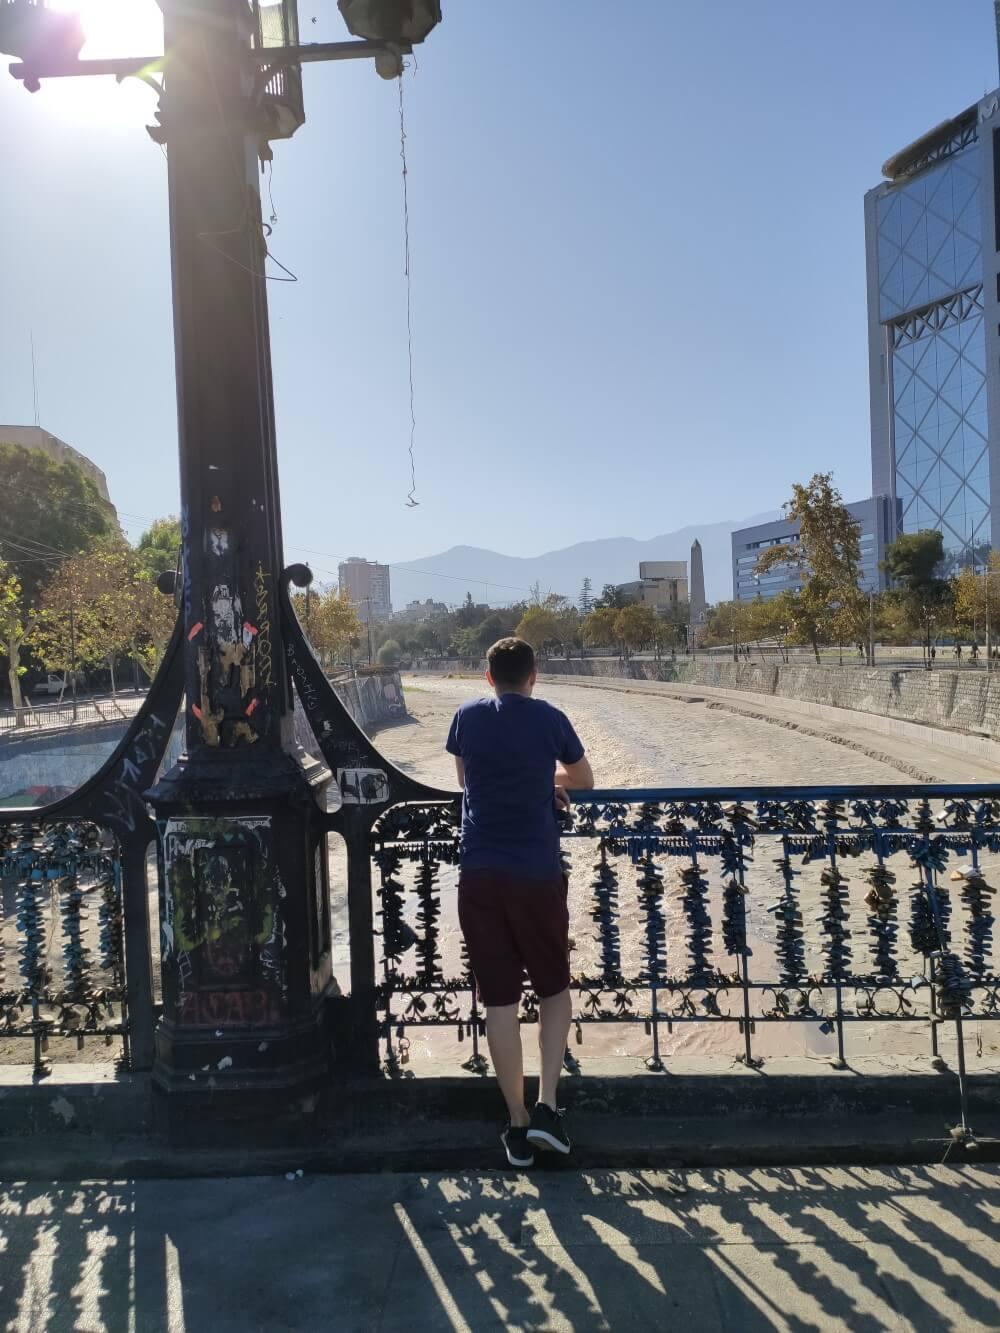 Admirando a paisagem na ponte Pio Nono